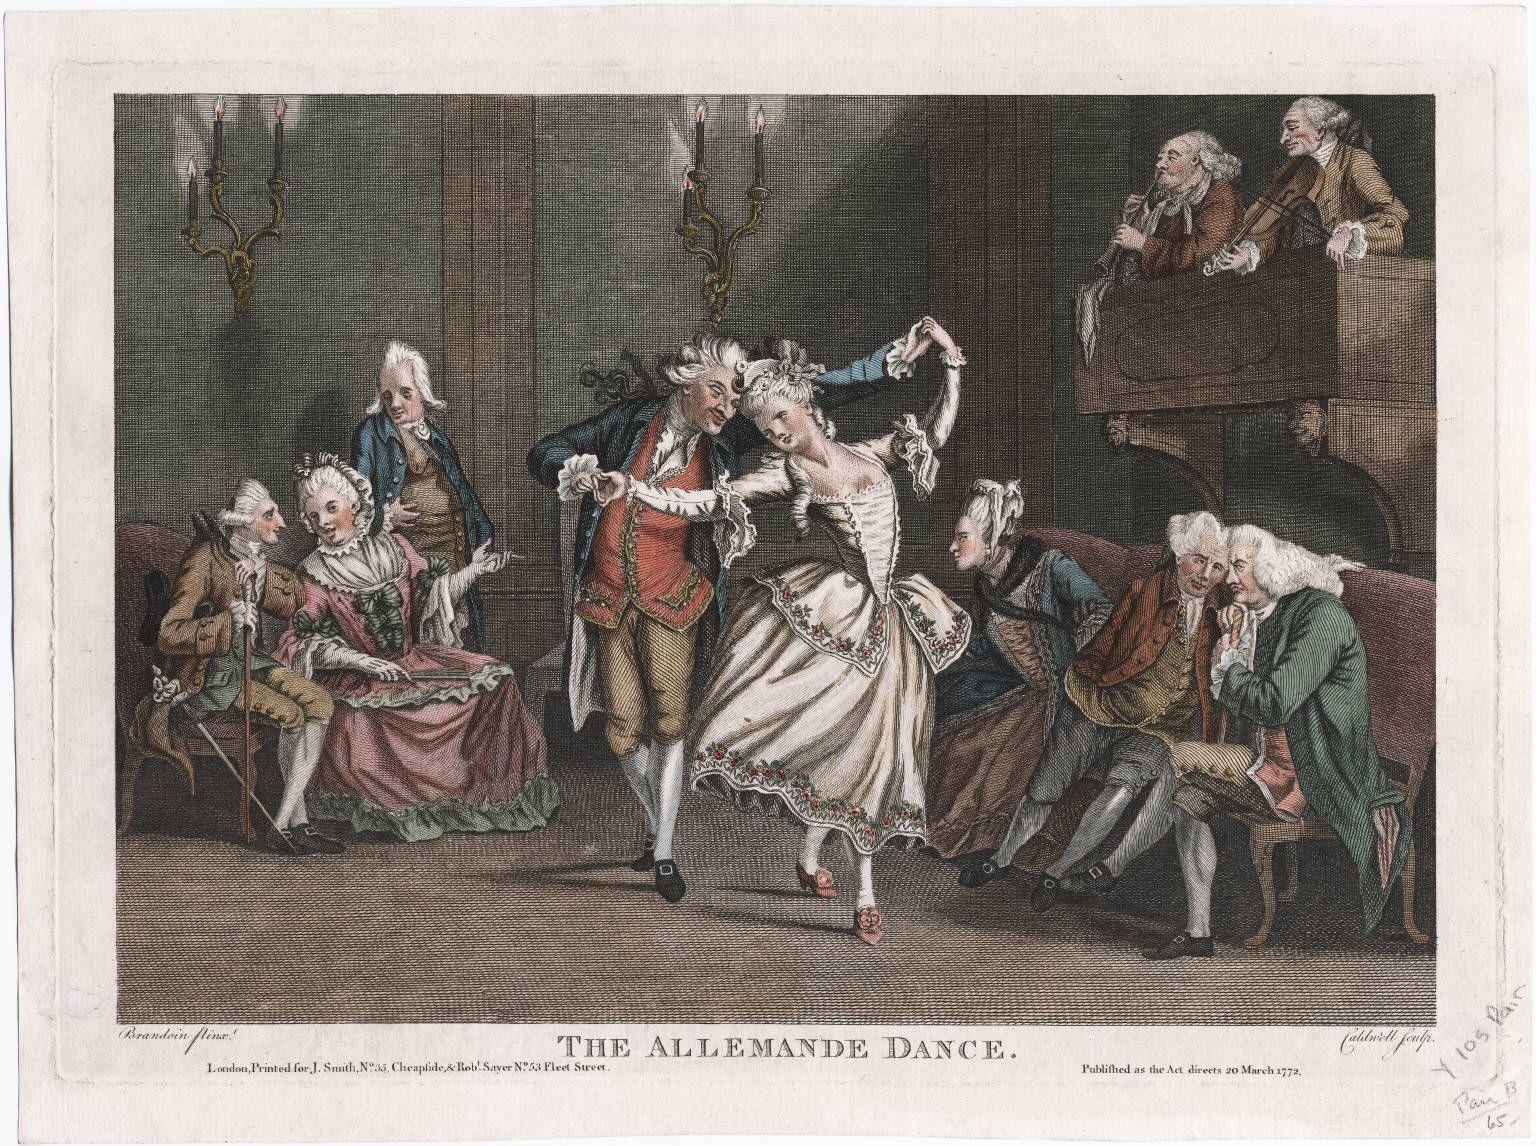 ALLEMANDE The allemande dance, March 20, 1772, Lewis Walpole Library Digital Collection. El término alemanda proviene del francés allemande, y se utiliza para denominar cierta danza alemana barroca (siglo XVIII) de compás cuaternario o binario y simple, así como para denominar un elemento estándar de la suite, normalmente el primero o segundo movimiento. También se puede denominar Allemanda, Almán o Almaín. La allemande es una composición que utiliza el recurso de repetición por secciones o…